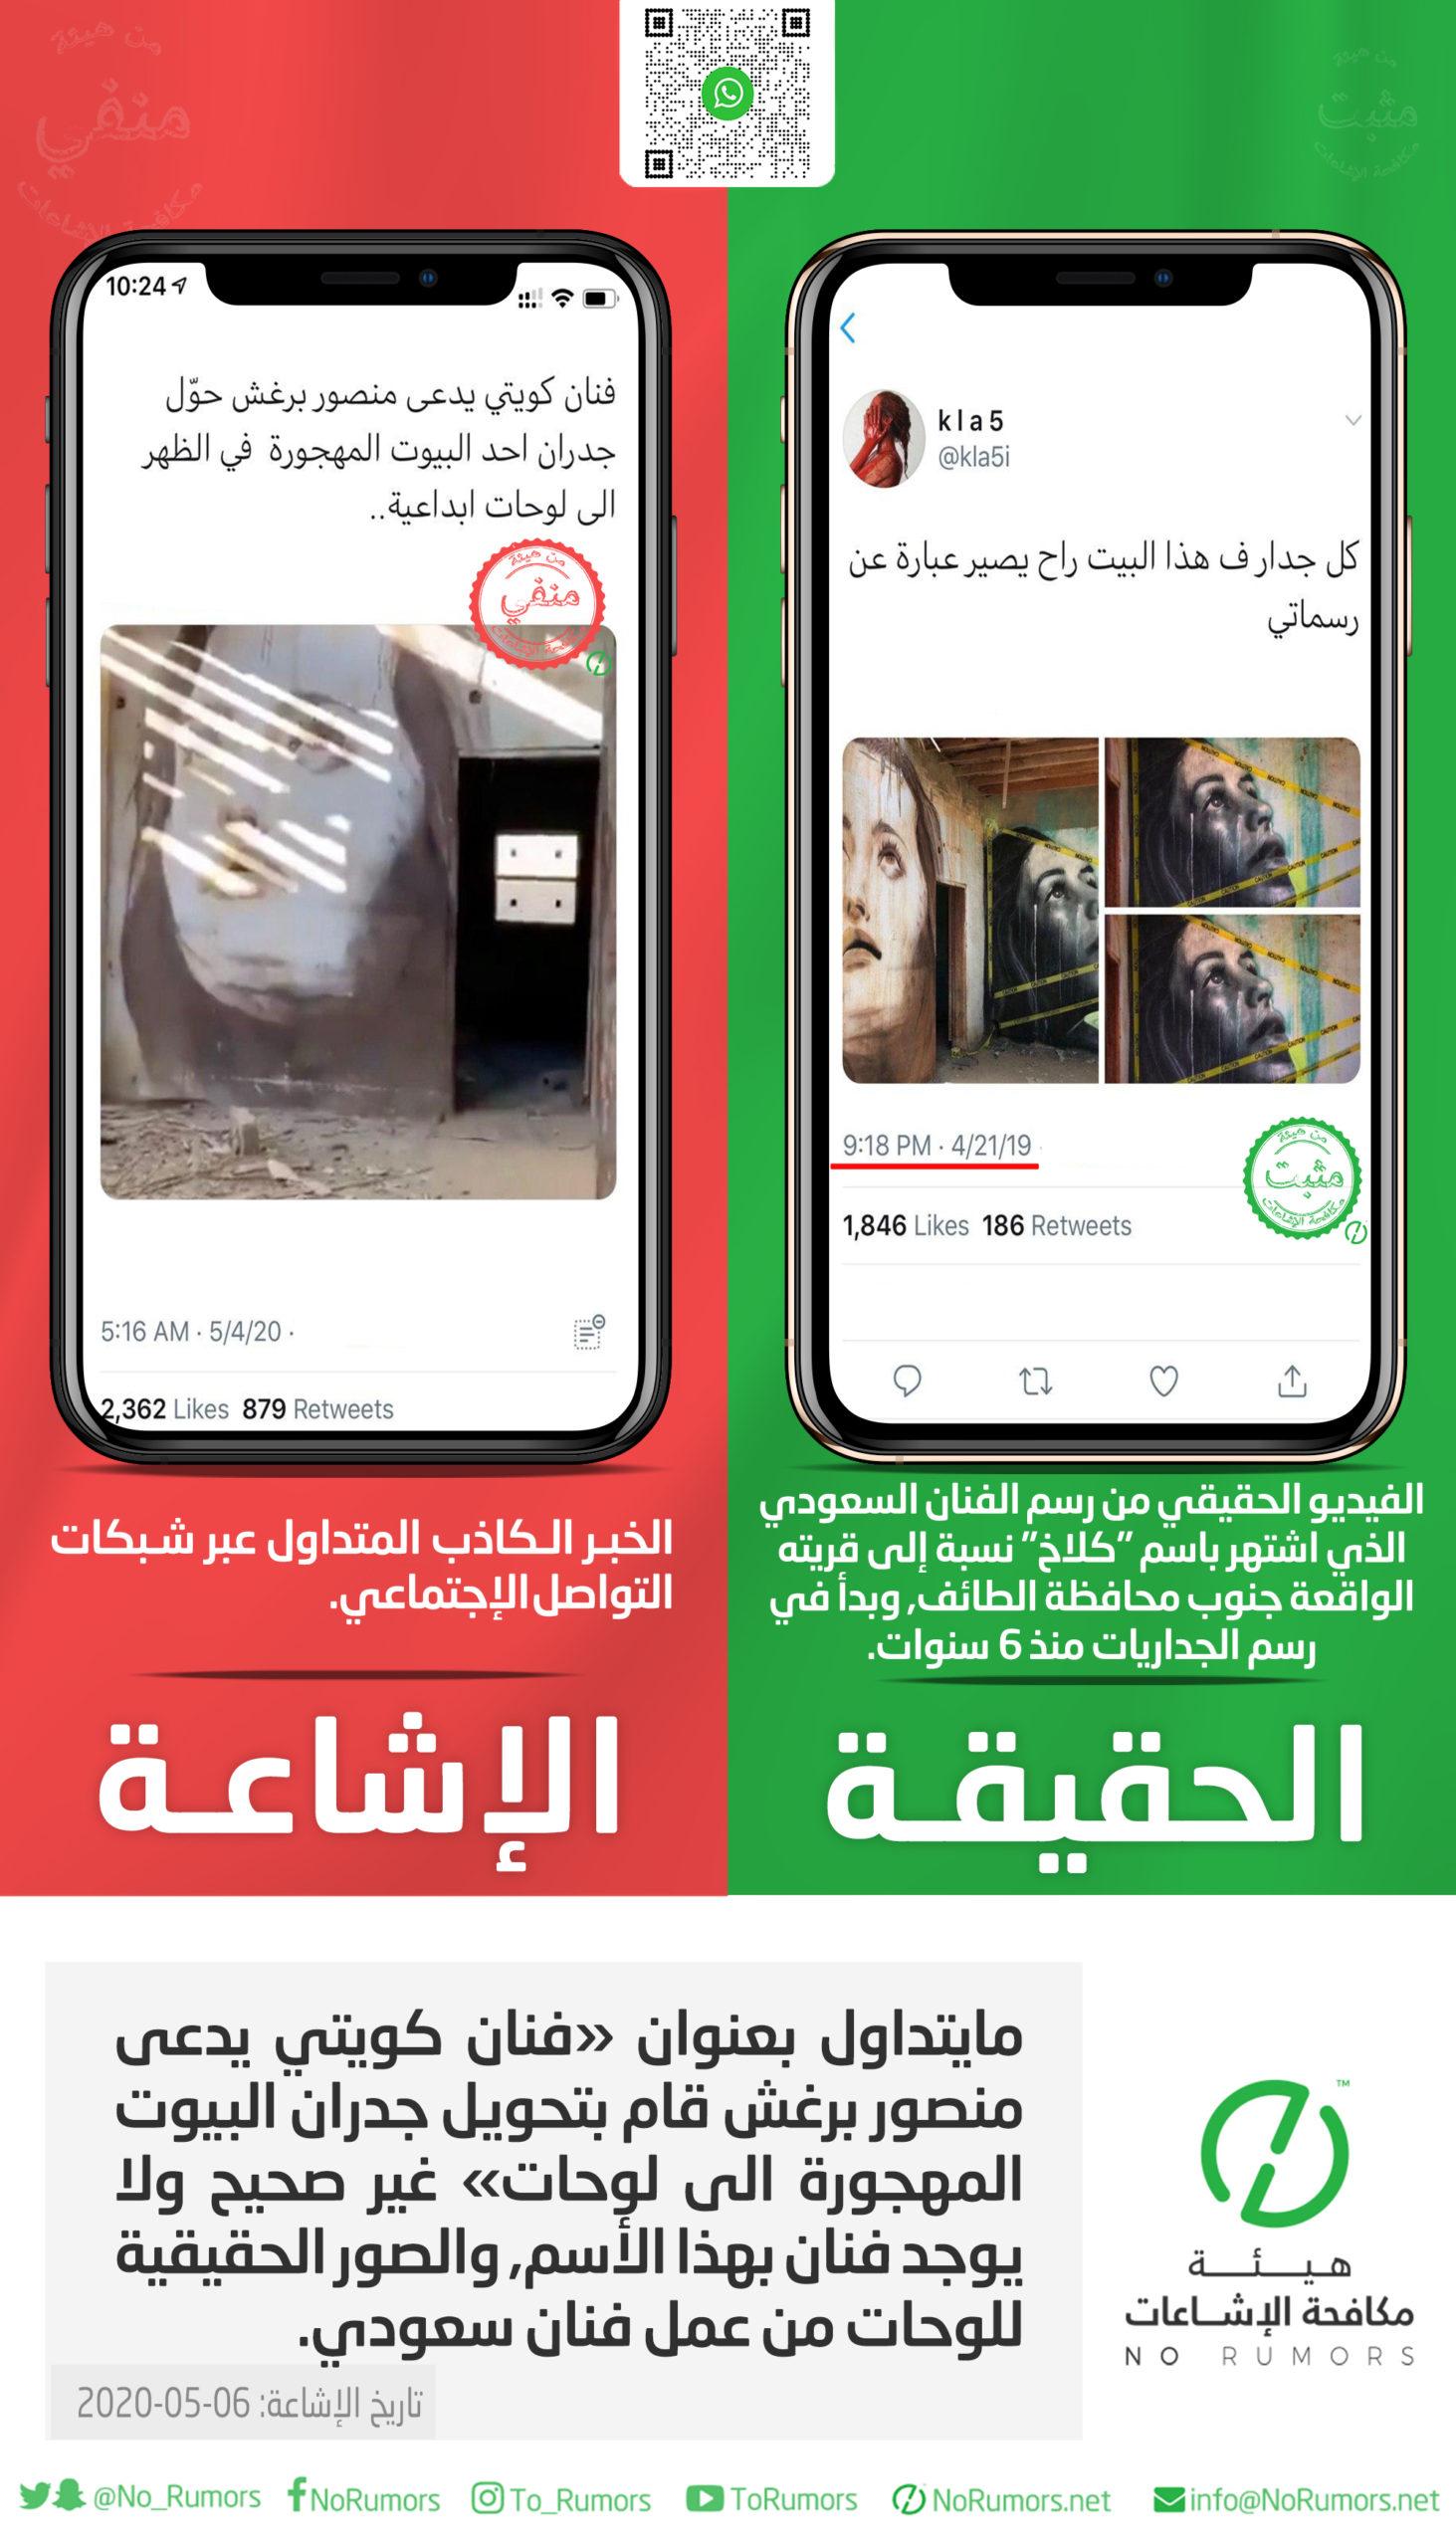 حقيقة مايتداول بعنوان «فنان كويتي يدعى منصور برغش قام بتحويل جدران البيوت المهجورة الى لوحات»